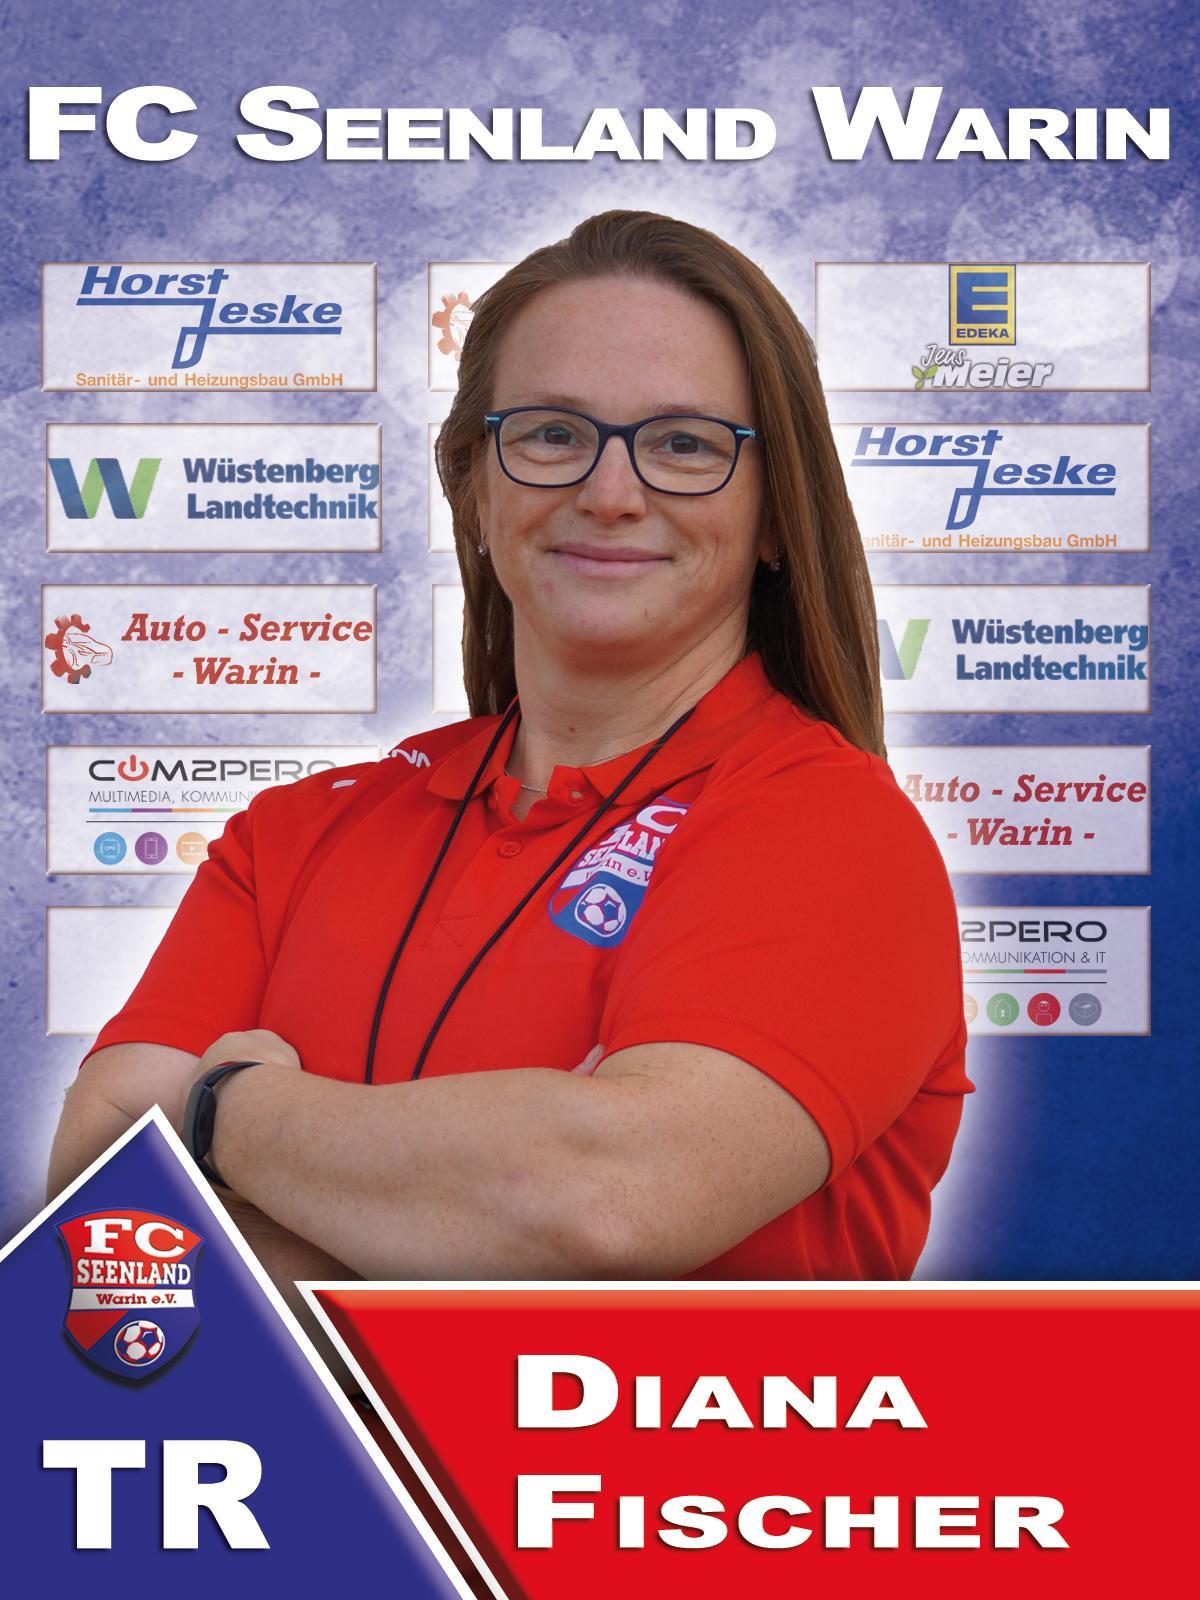 Diana Fischer